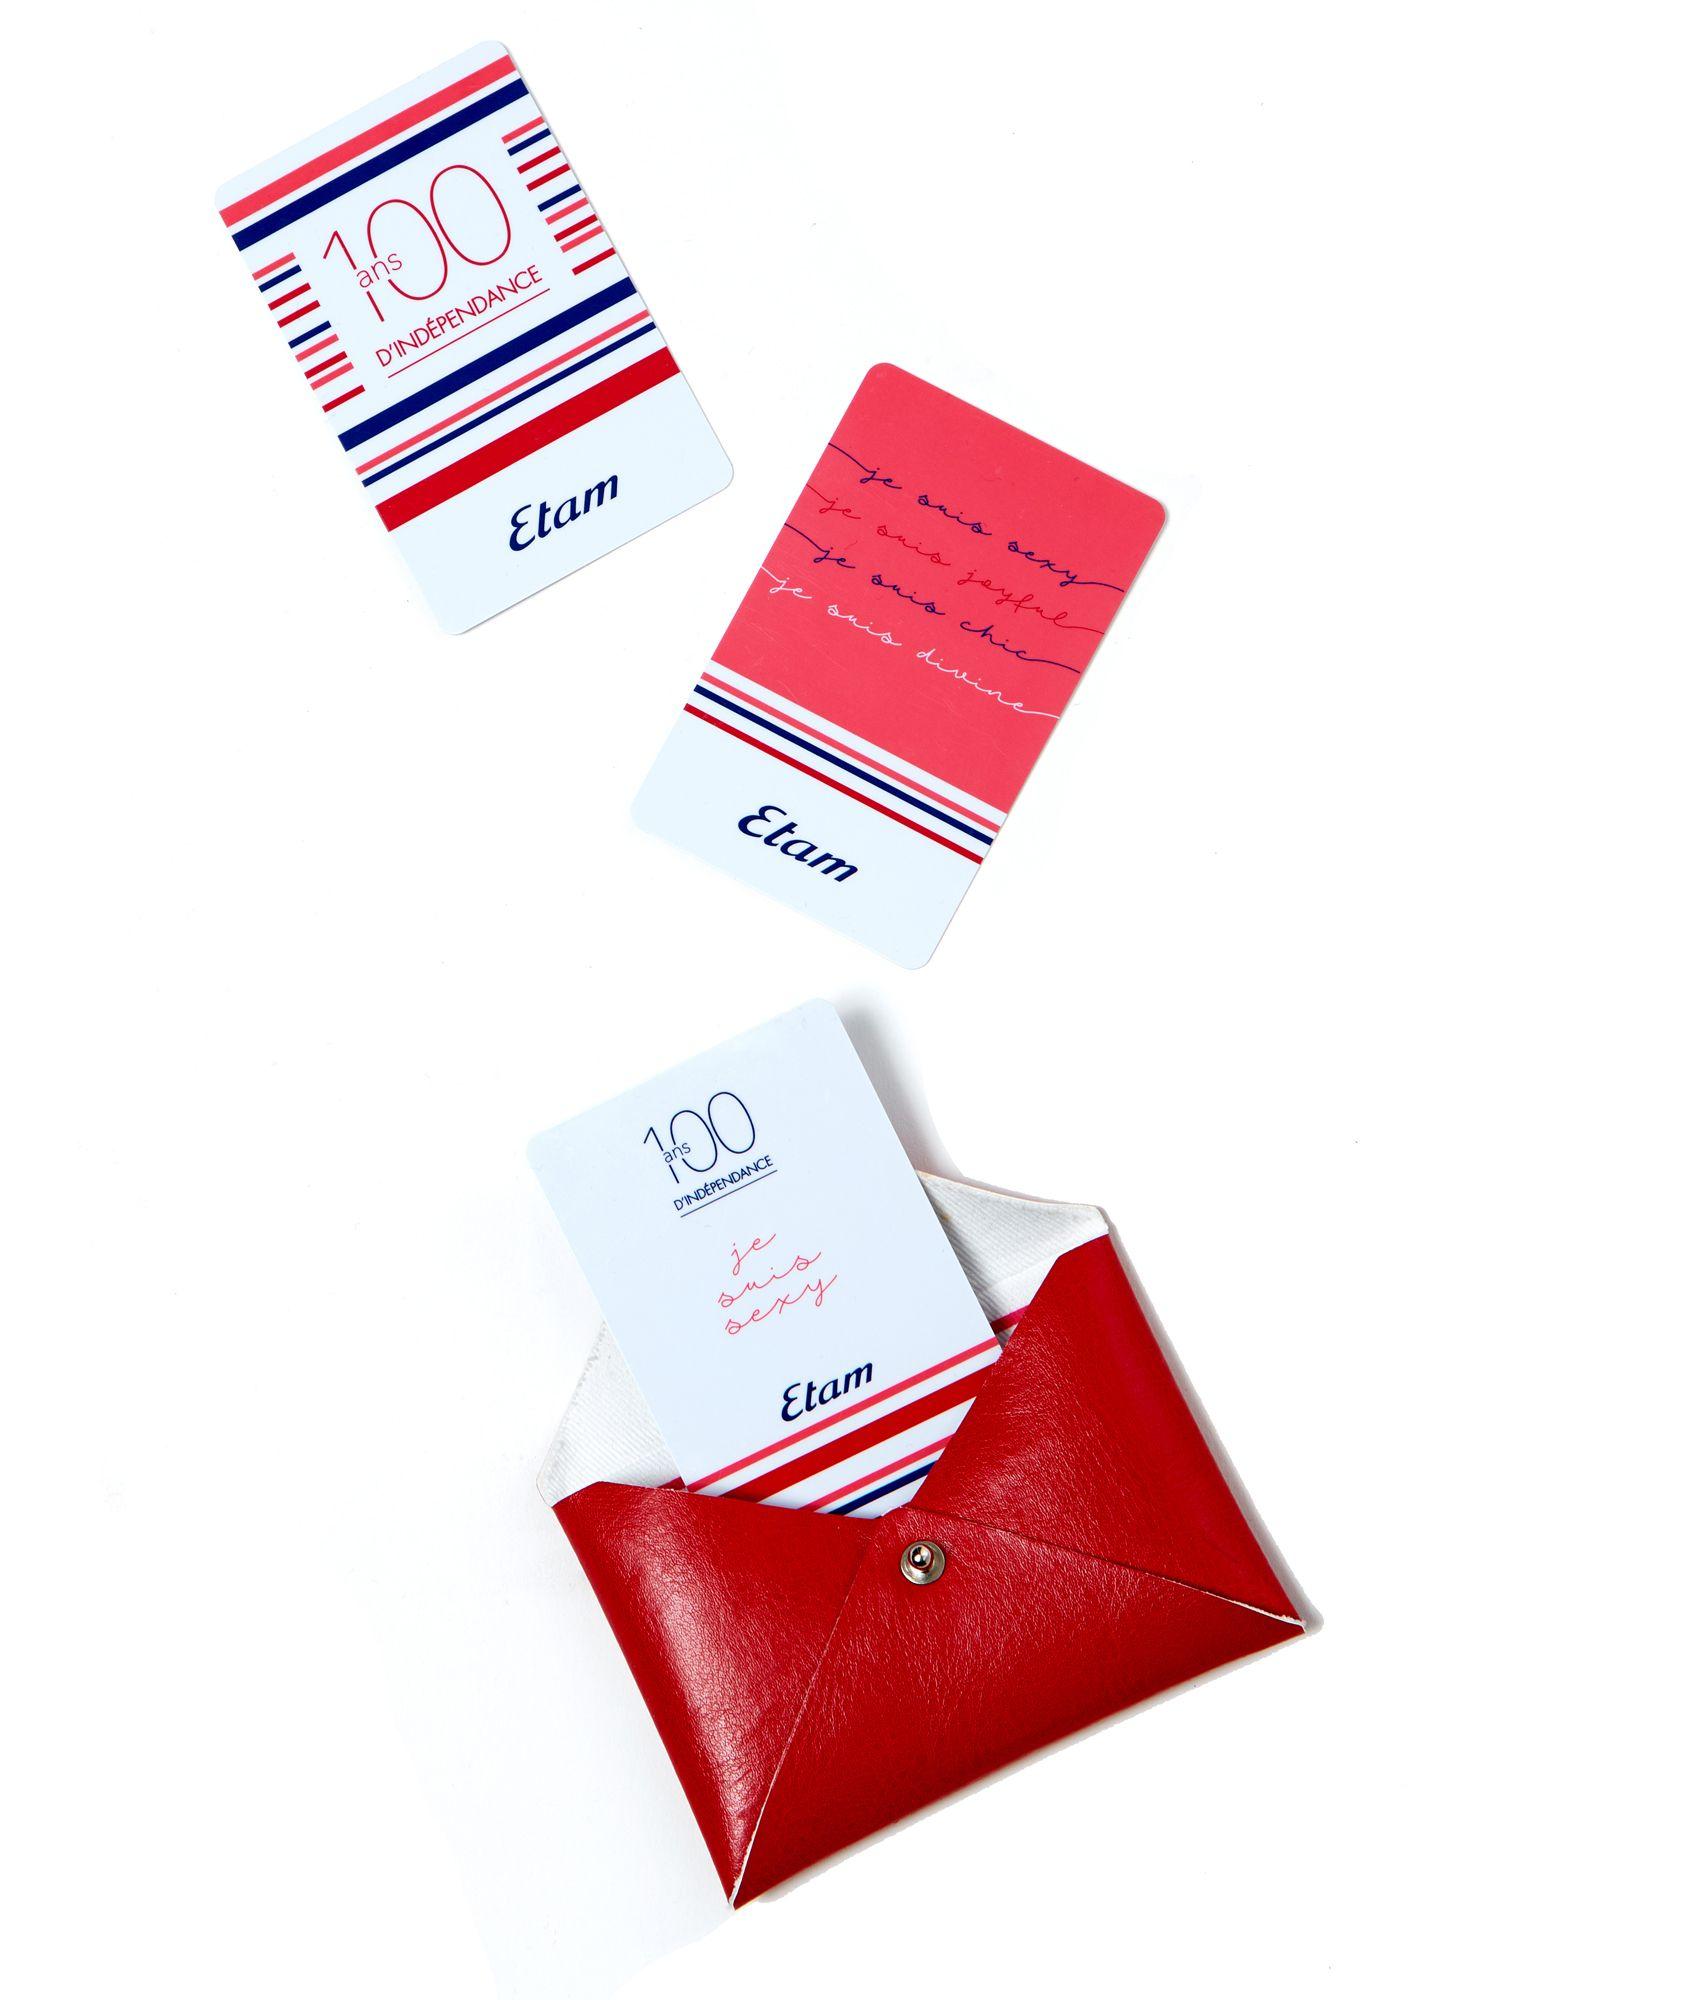 carte cadeau etam id es cadeaux h l ne pinterest carte cadeau valeur et etam. Black Bedroom Furniture Sets. Home Design Ideas